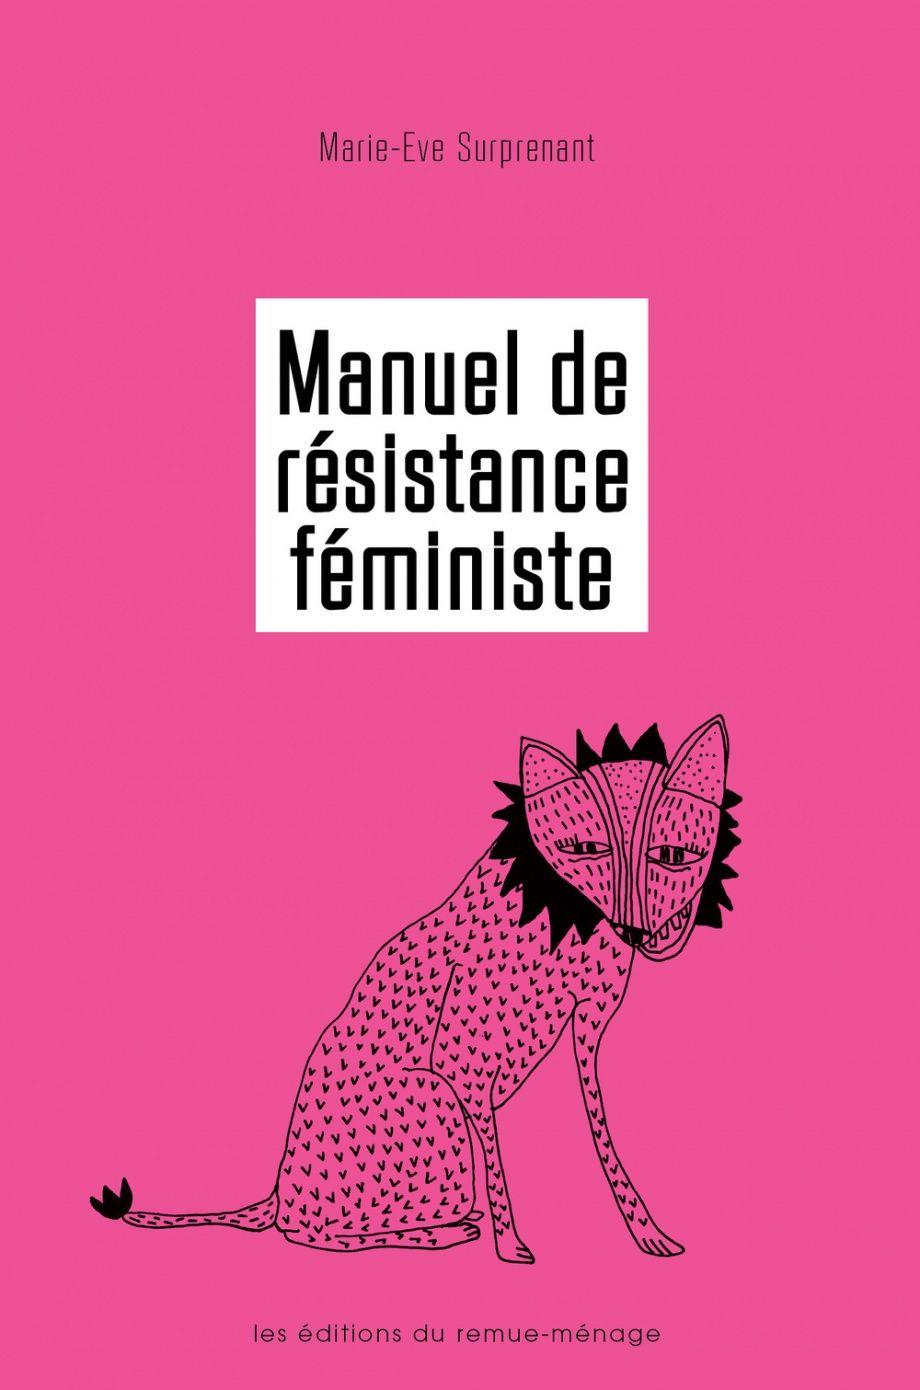 Manuel De Resistance Feministe Pour Mettre Fin Aux Inegalites Persistantes Et Contrer L Antifeminisme Marie Eve Surp Book Worth Reading Books Movie Posters